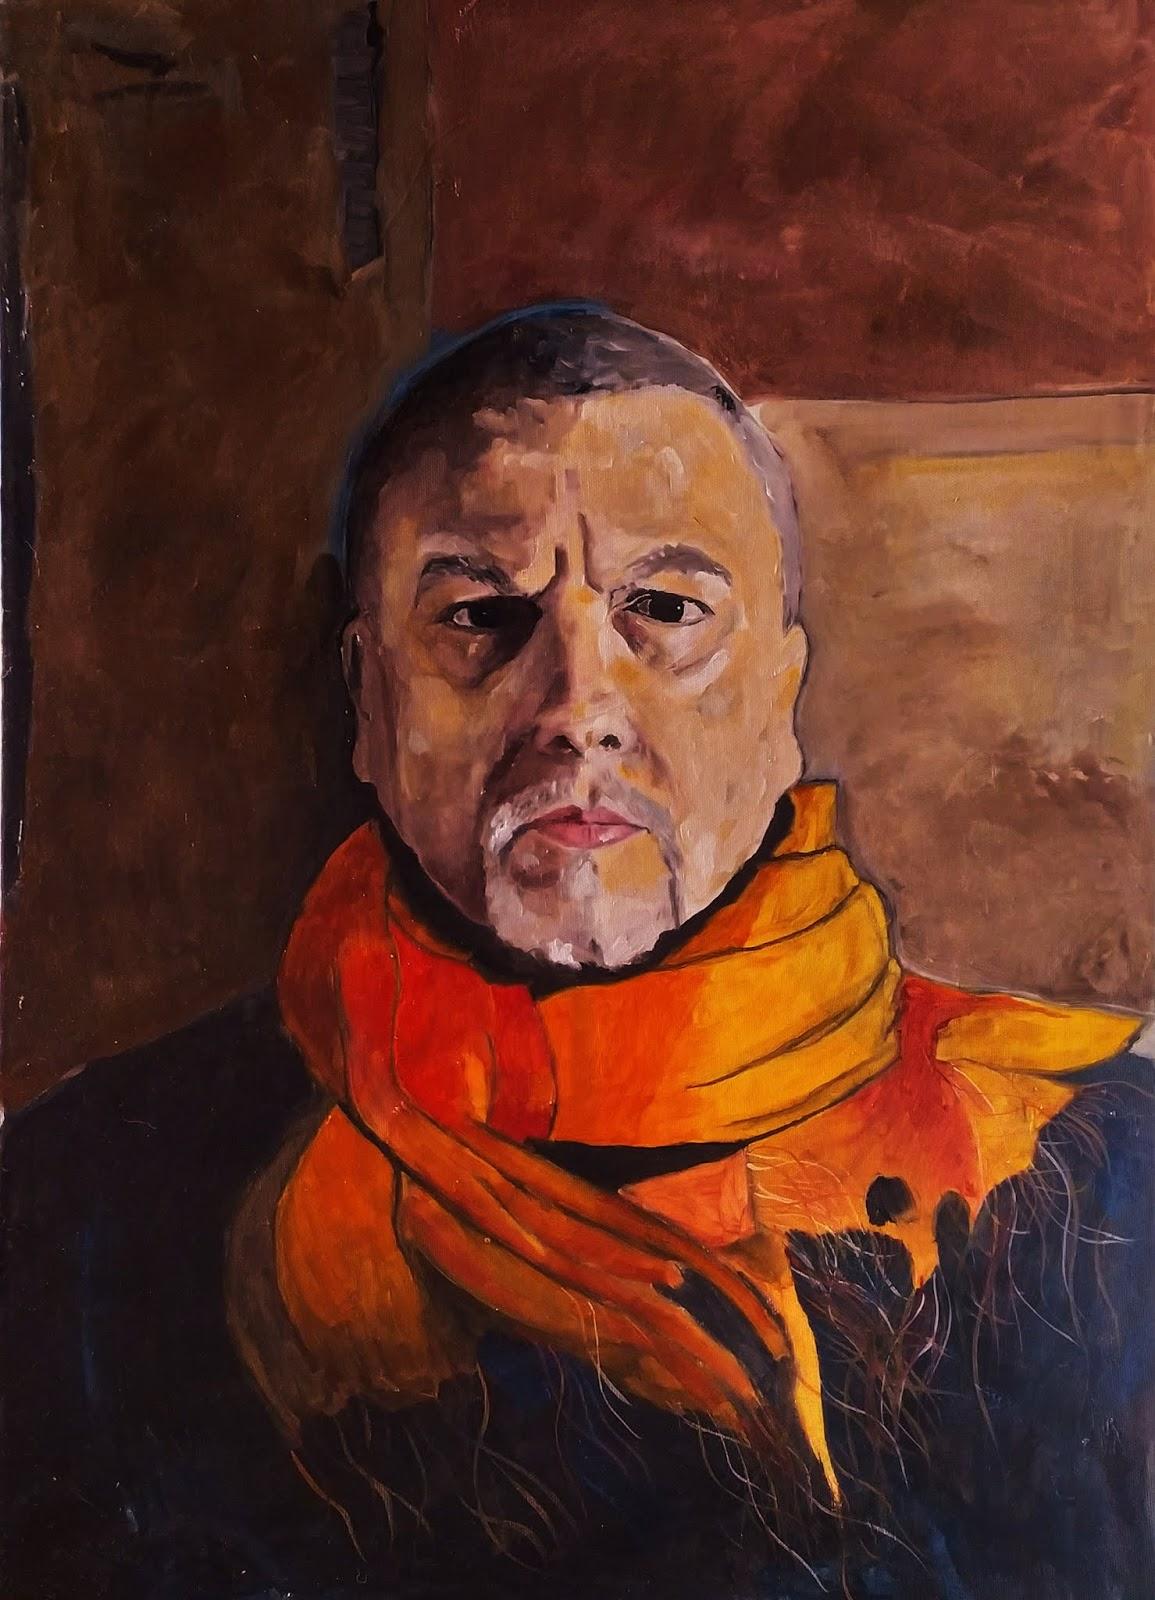 Titolo: Autoritratto - Olio su tela- 50x70cm - Autore: Gianmichele De Mauro